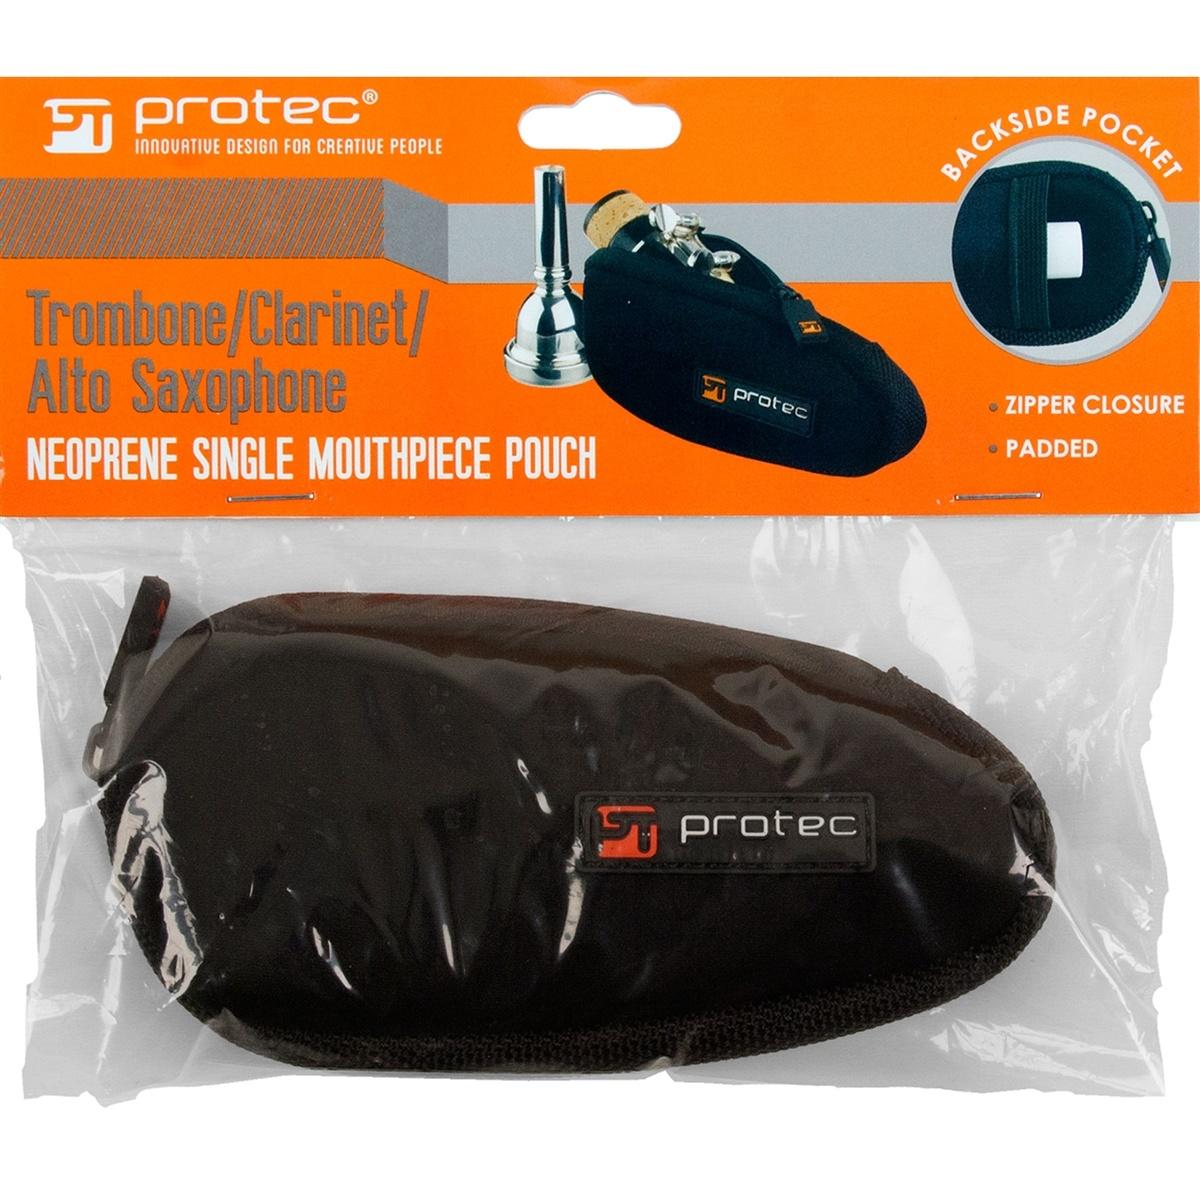 Protec Protec Trombone/Clarinet/Alto Saxophone Mouthpiece Pouch